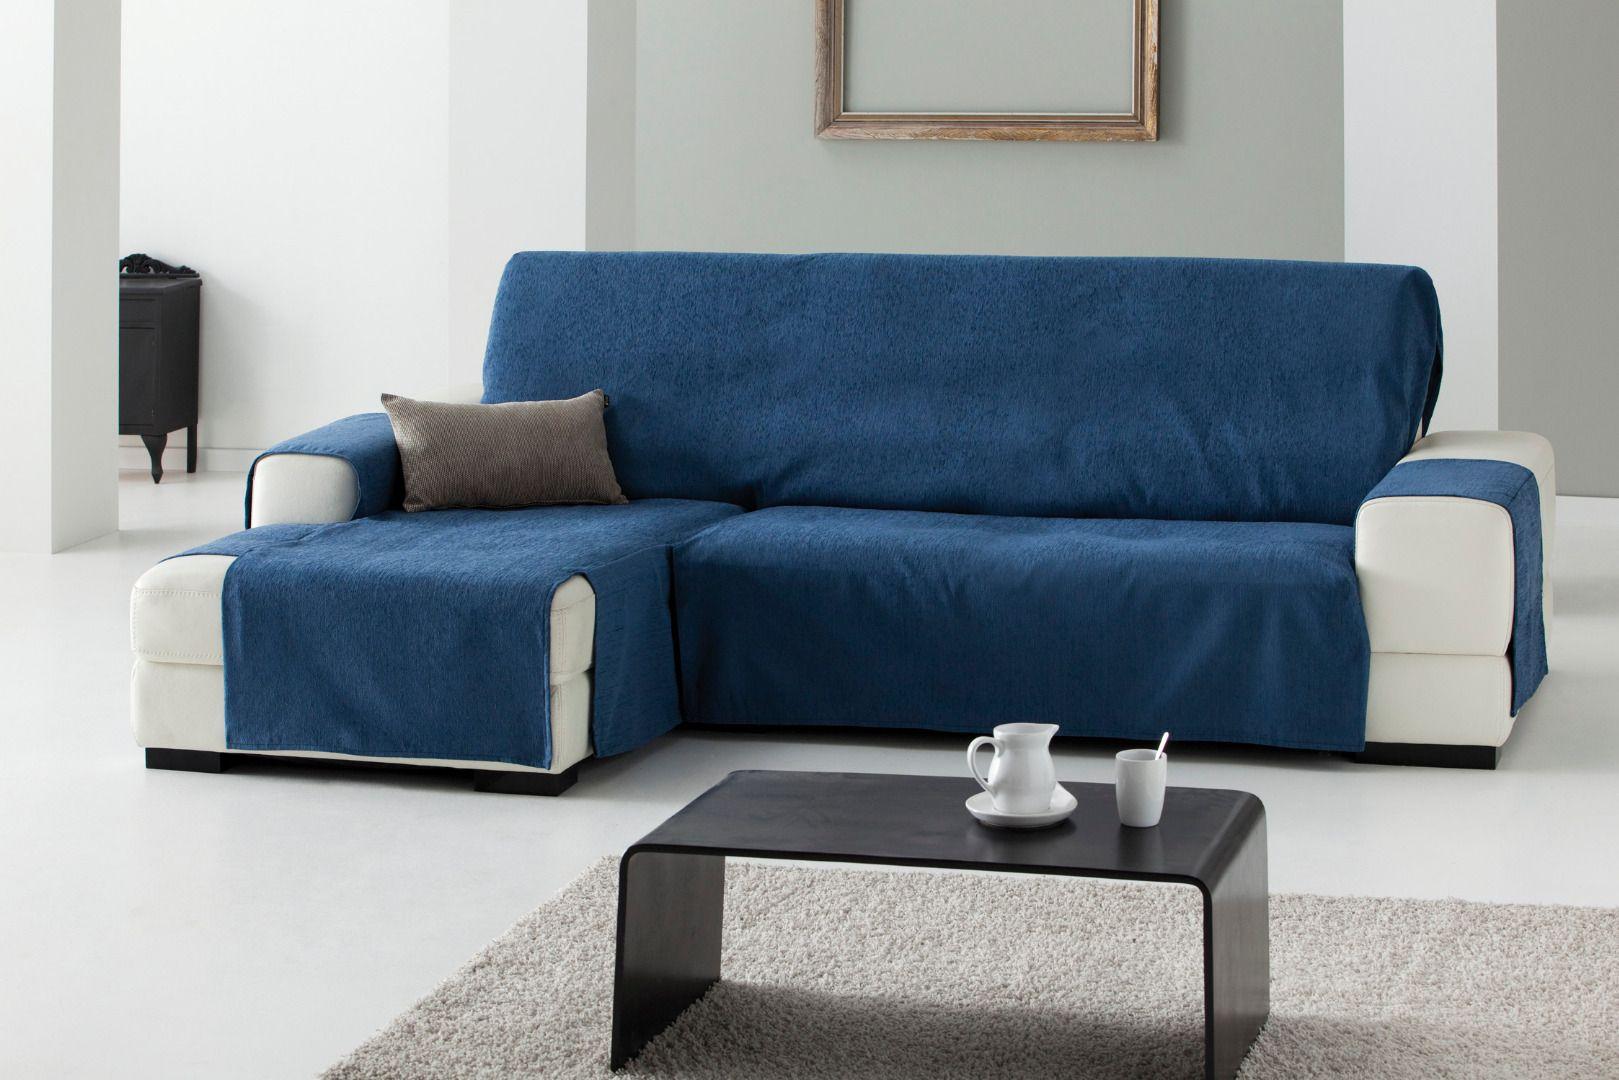 fundas para sofas en lugo london sofa de chaise lounge sofás relax eysa